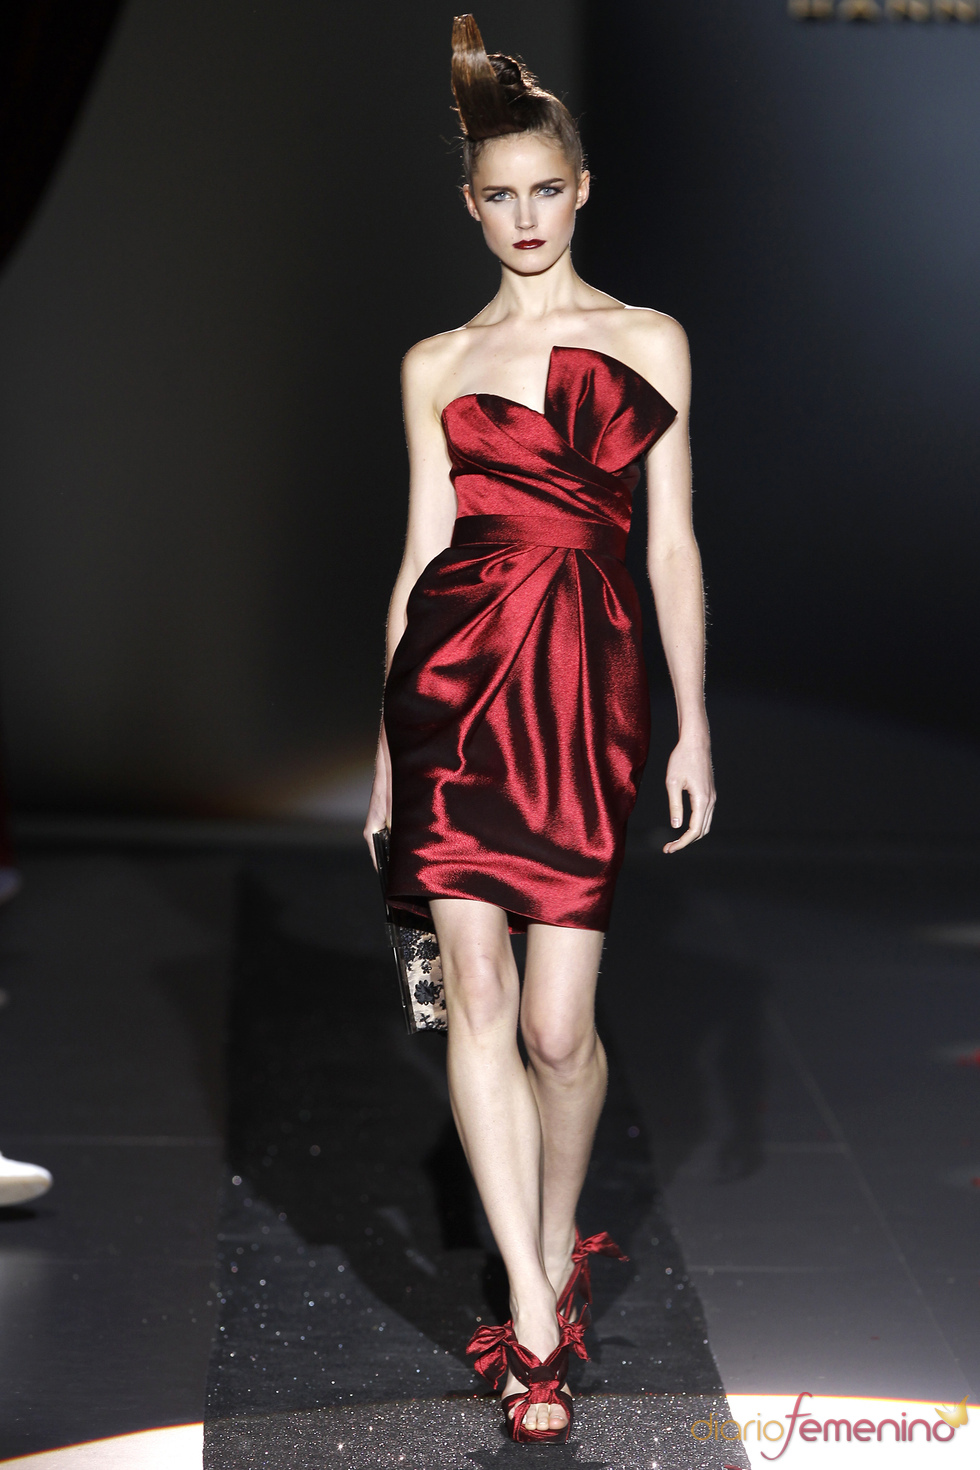 El color escarlata, protagonista en la colección primavera-verano 2011 de Hannibal Laguna